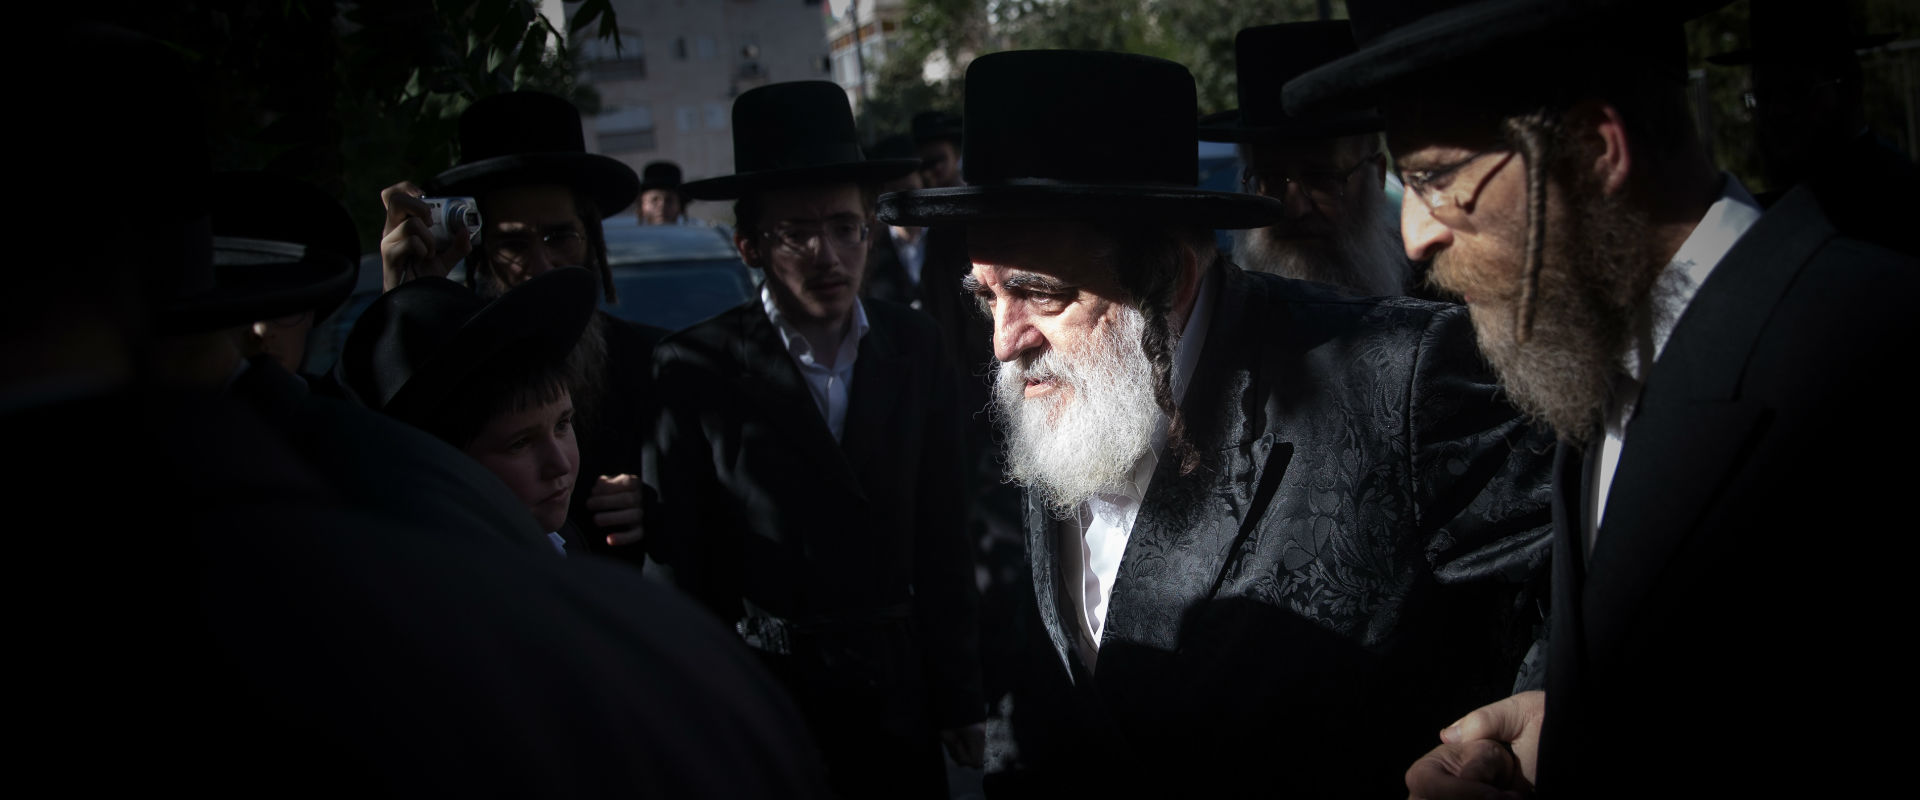 """האדמו""""ר מויז'ניץ, הרב ישראל הגר מגיע לישיבת מועצת"""